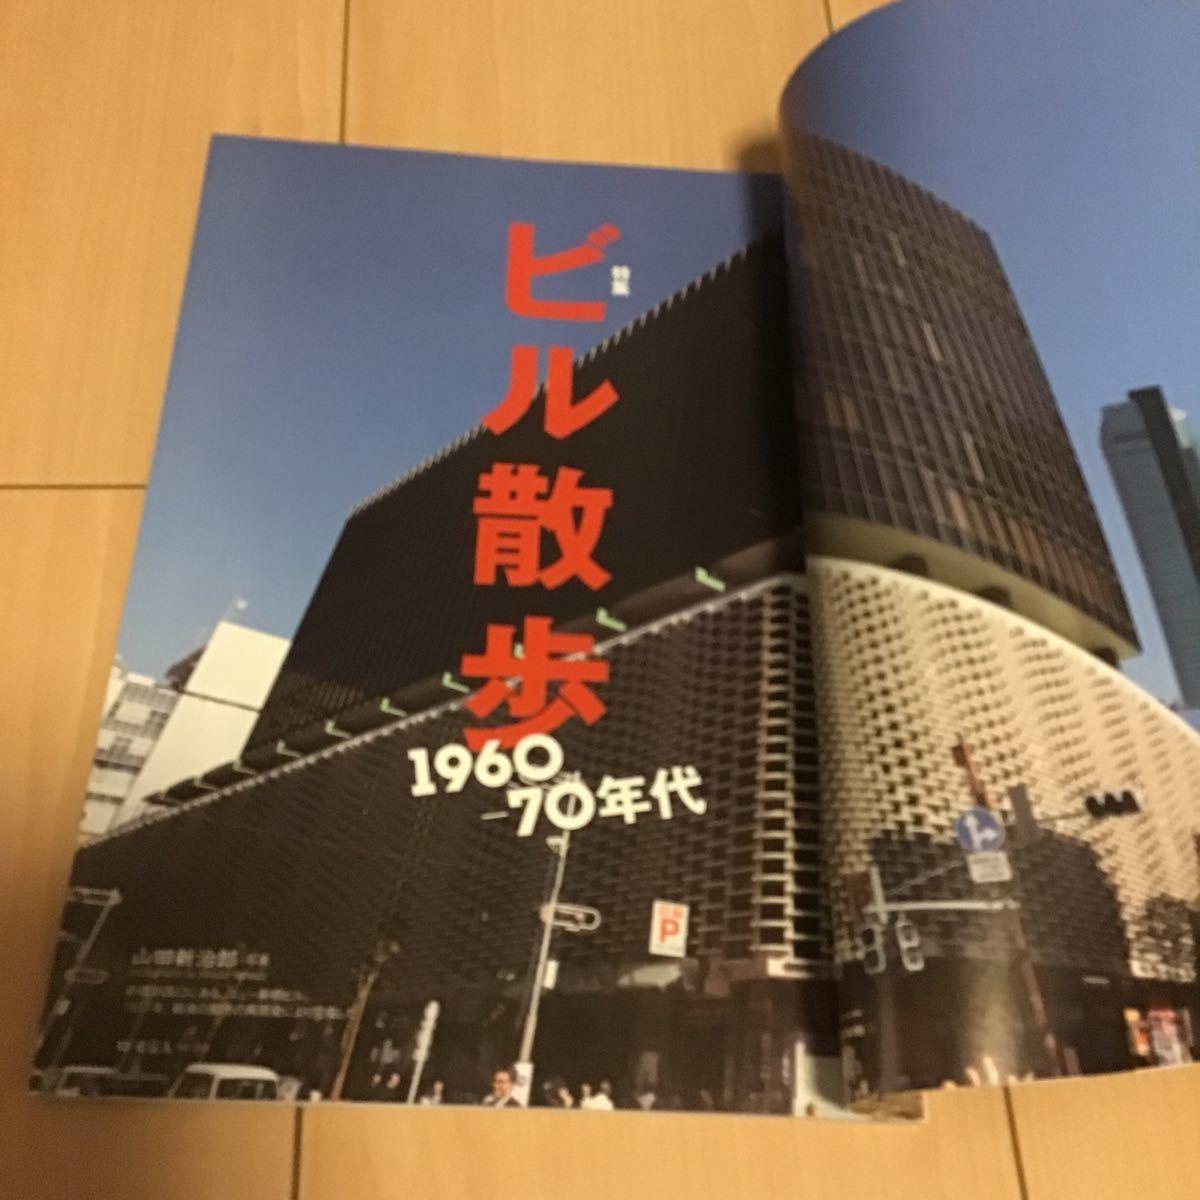 東京人 NO.396 2018年5月号 ビル散歩 1960-1970年代 レトロから超高層まで / 都市をつくるビル10選_画像7